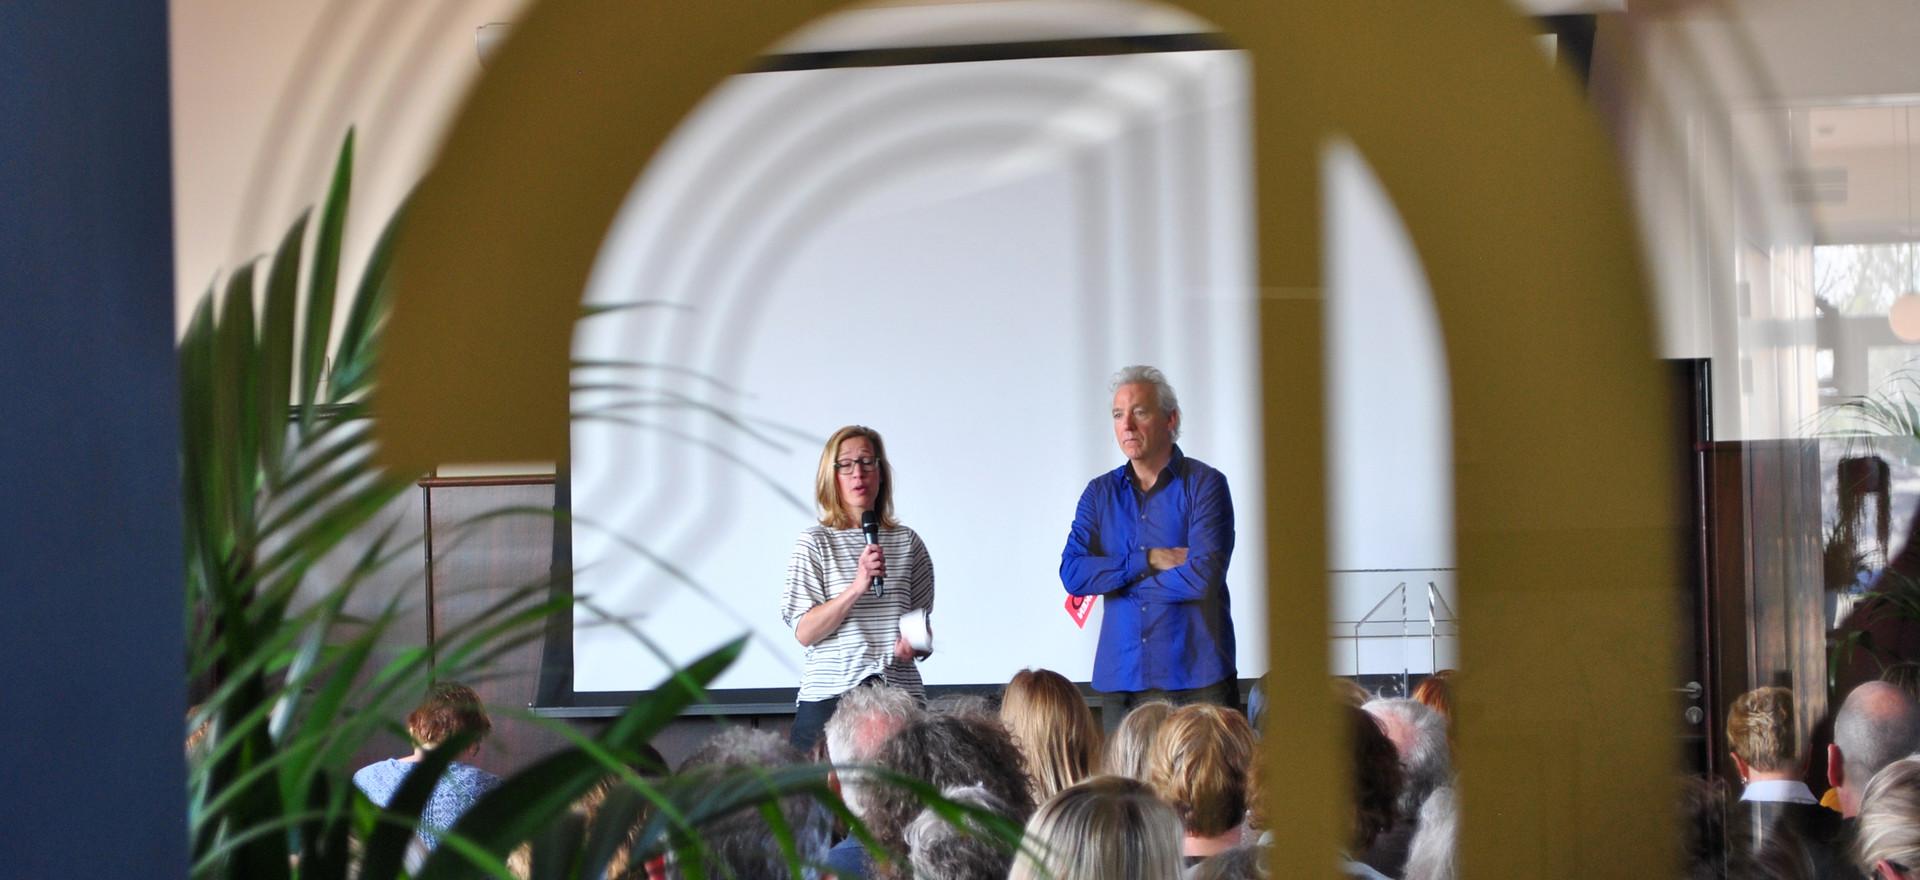 Berthold interviewt Linda van de Veerdonk, aanjager van de professionele leergemeenschap bij Top VVE Dordrecht.